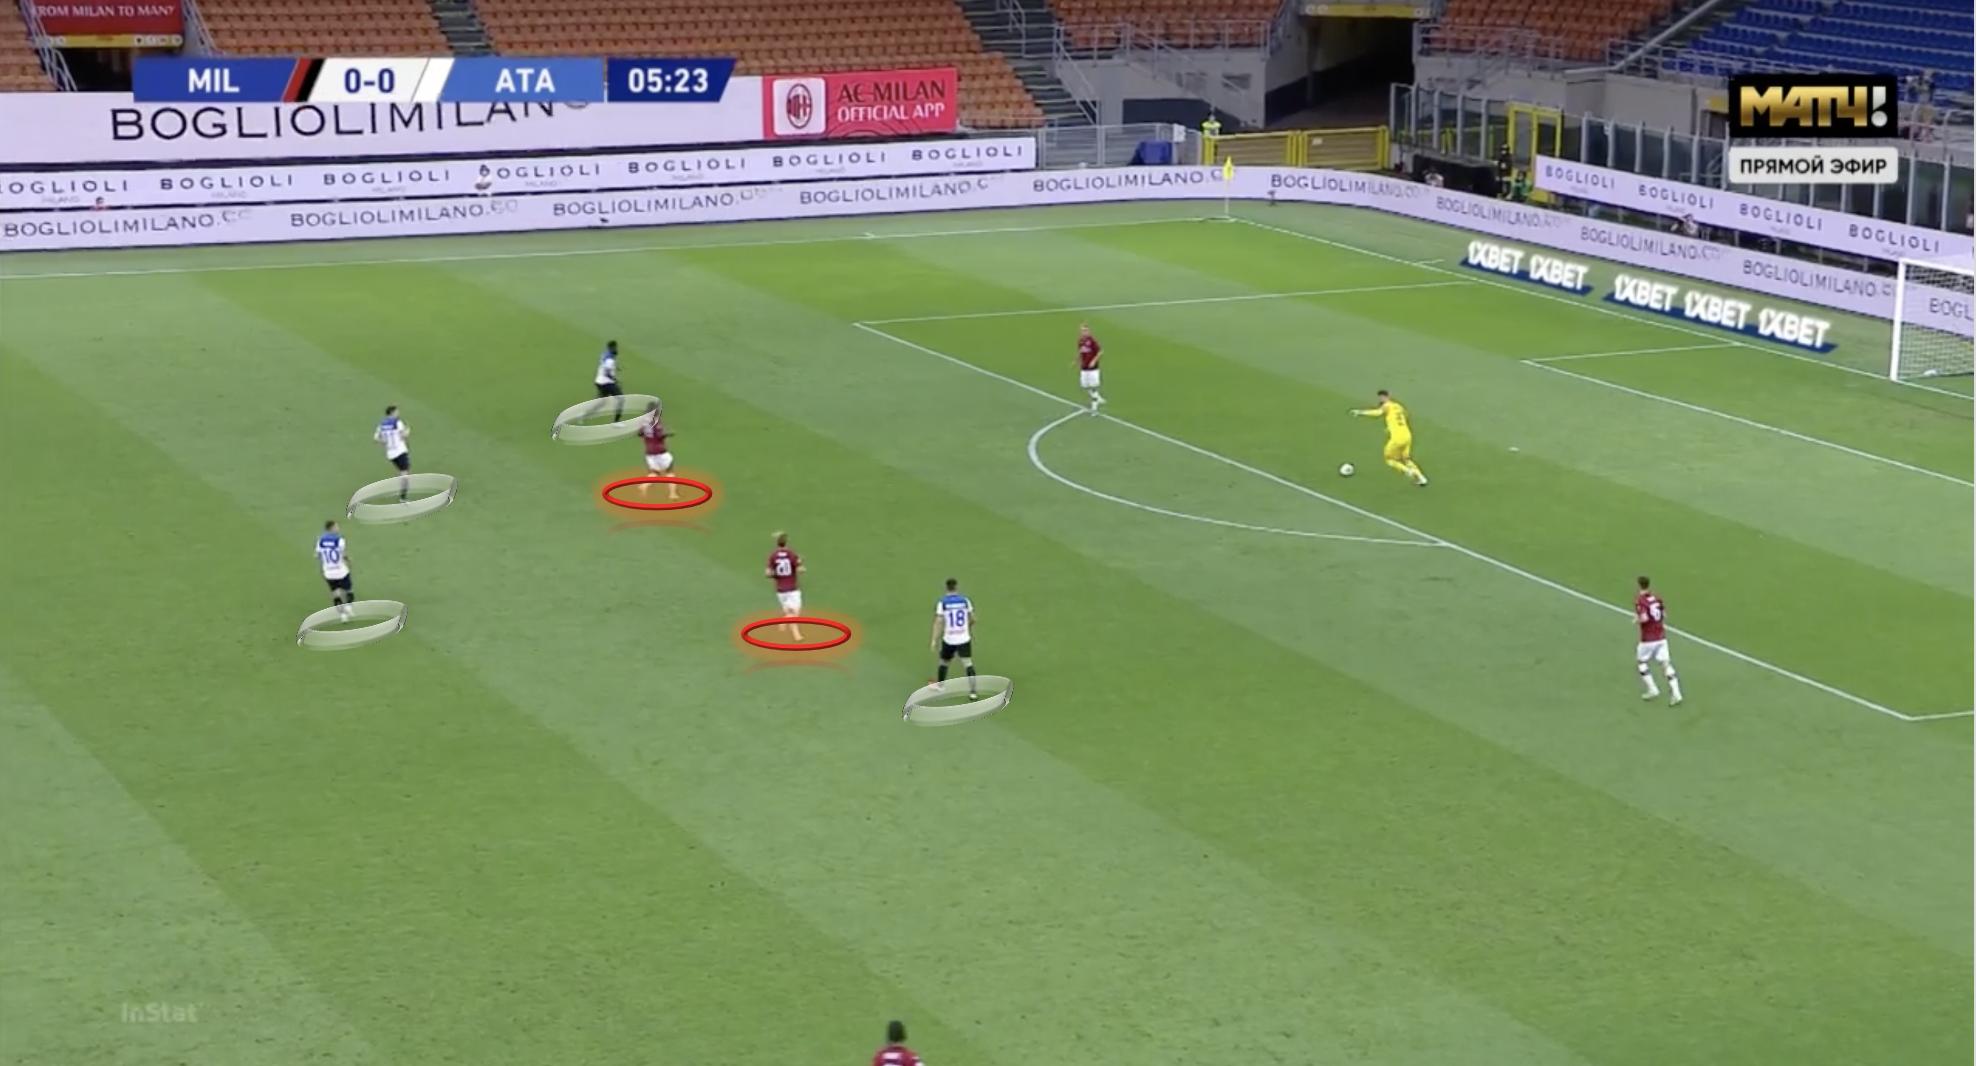 Serie A 2019/20: AC Milan vs Atalanta - tactical analysis tactics